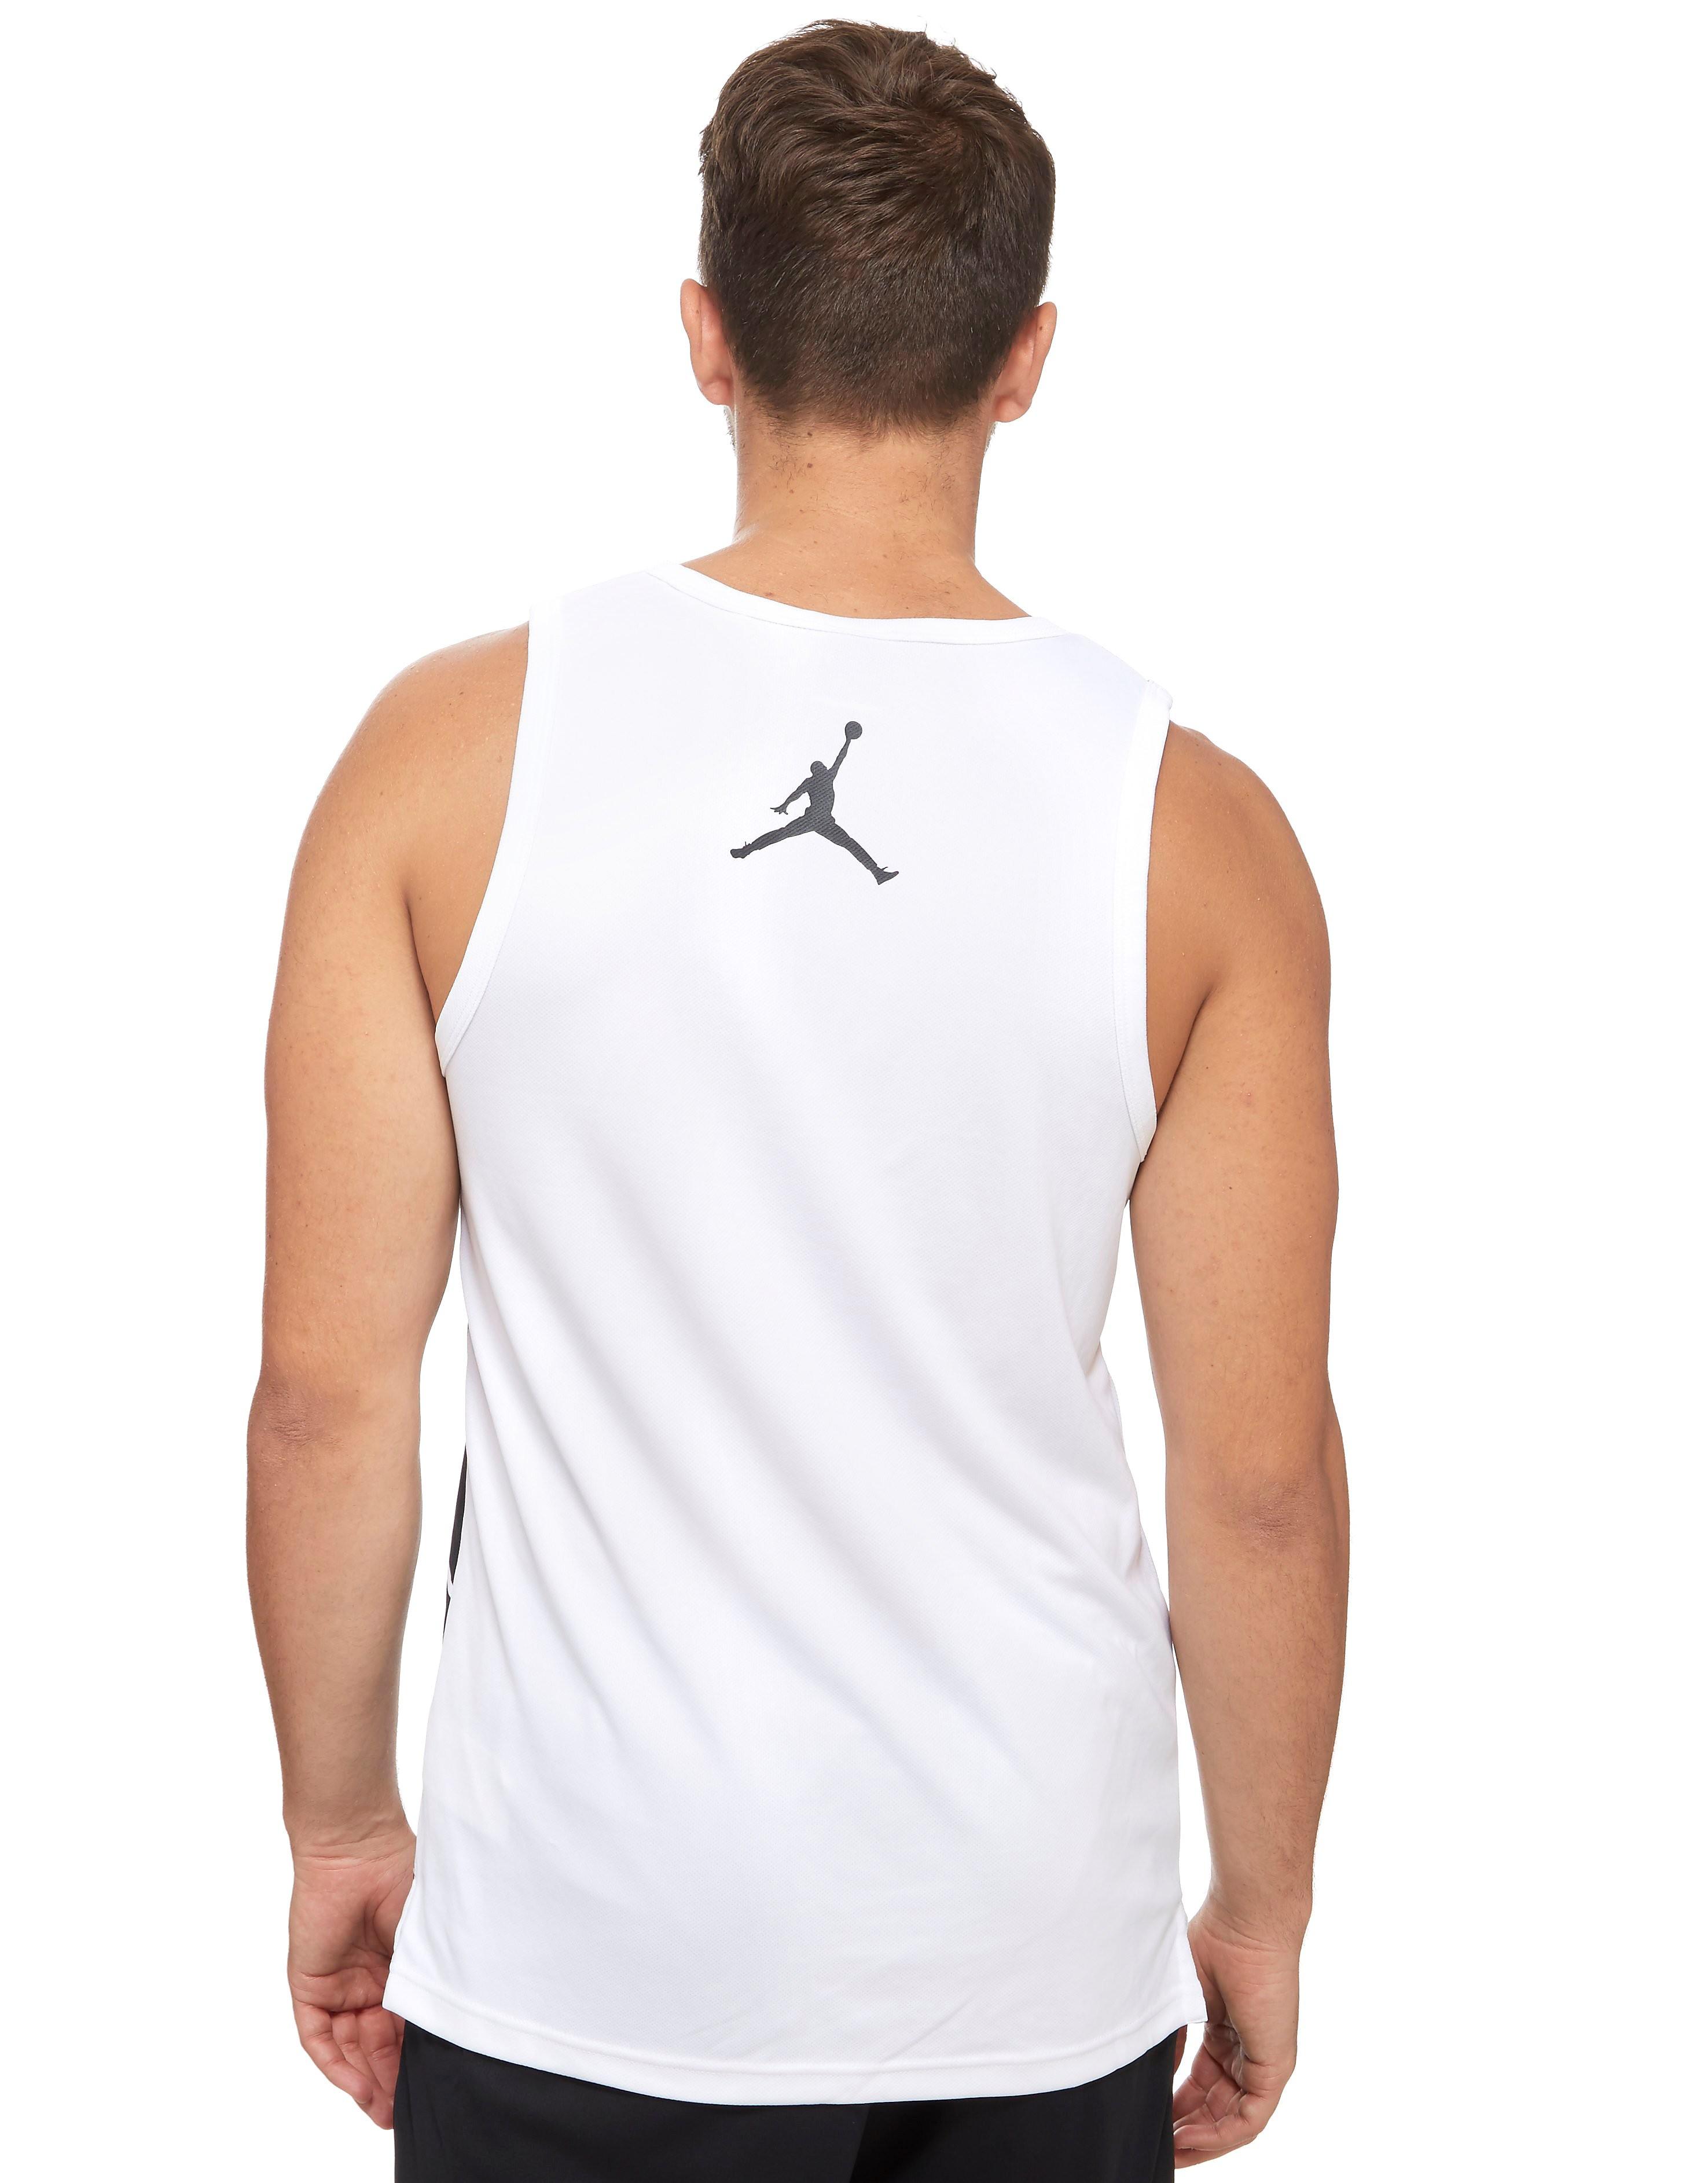 Jordan Wings Blockout Vest